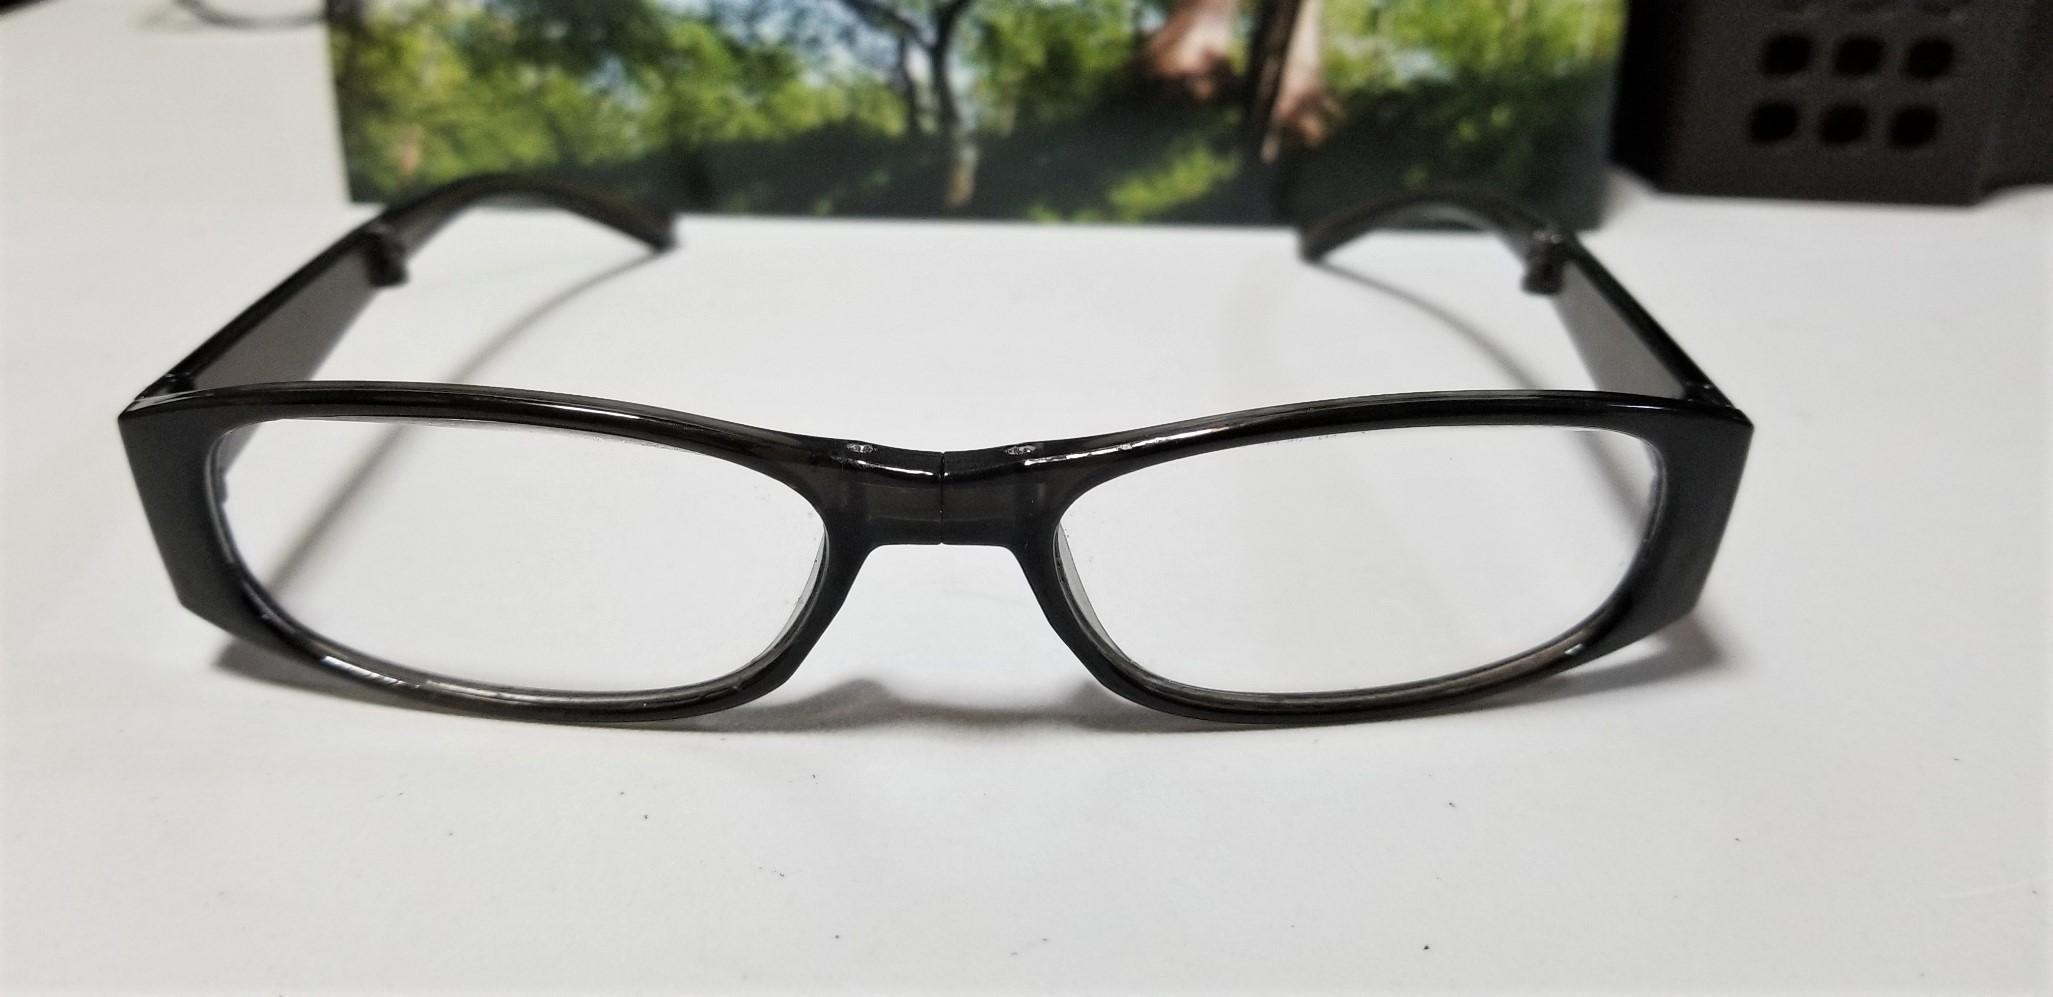 折りたたみ式老眼鏡